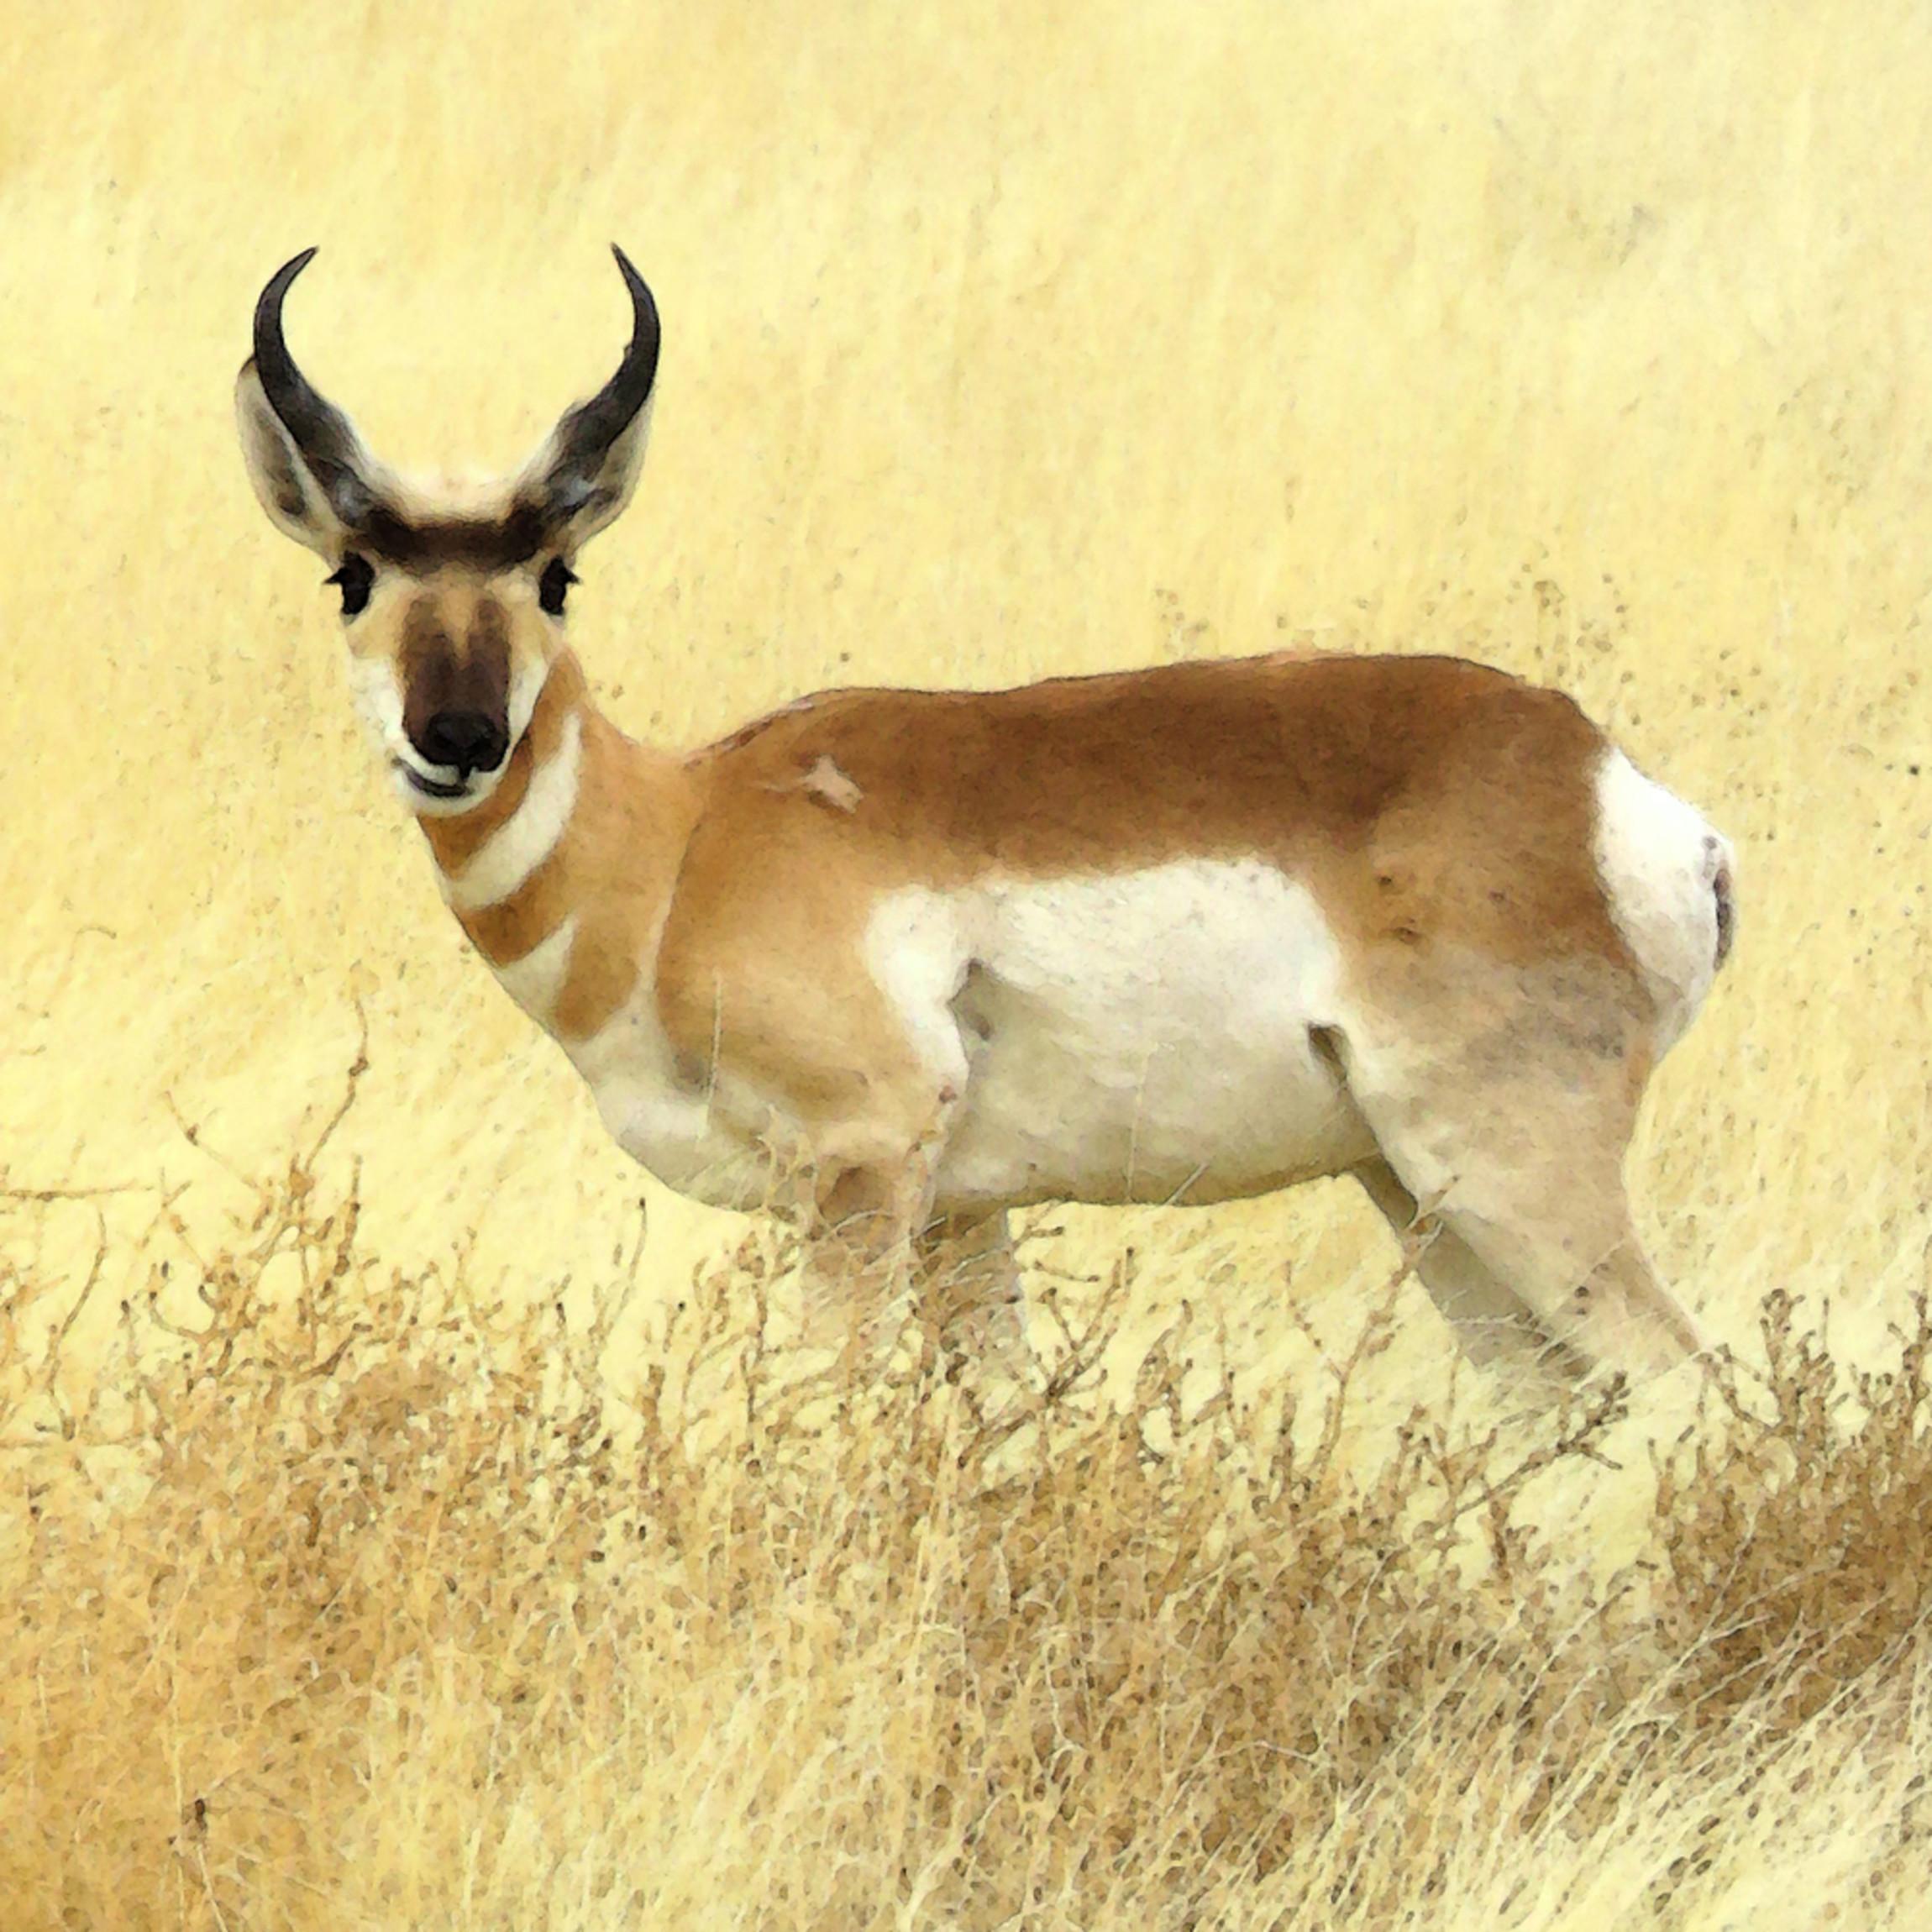 Img 0118 antelope prairie clo rztutx